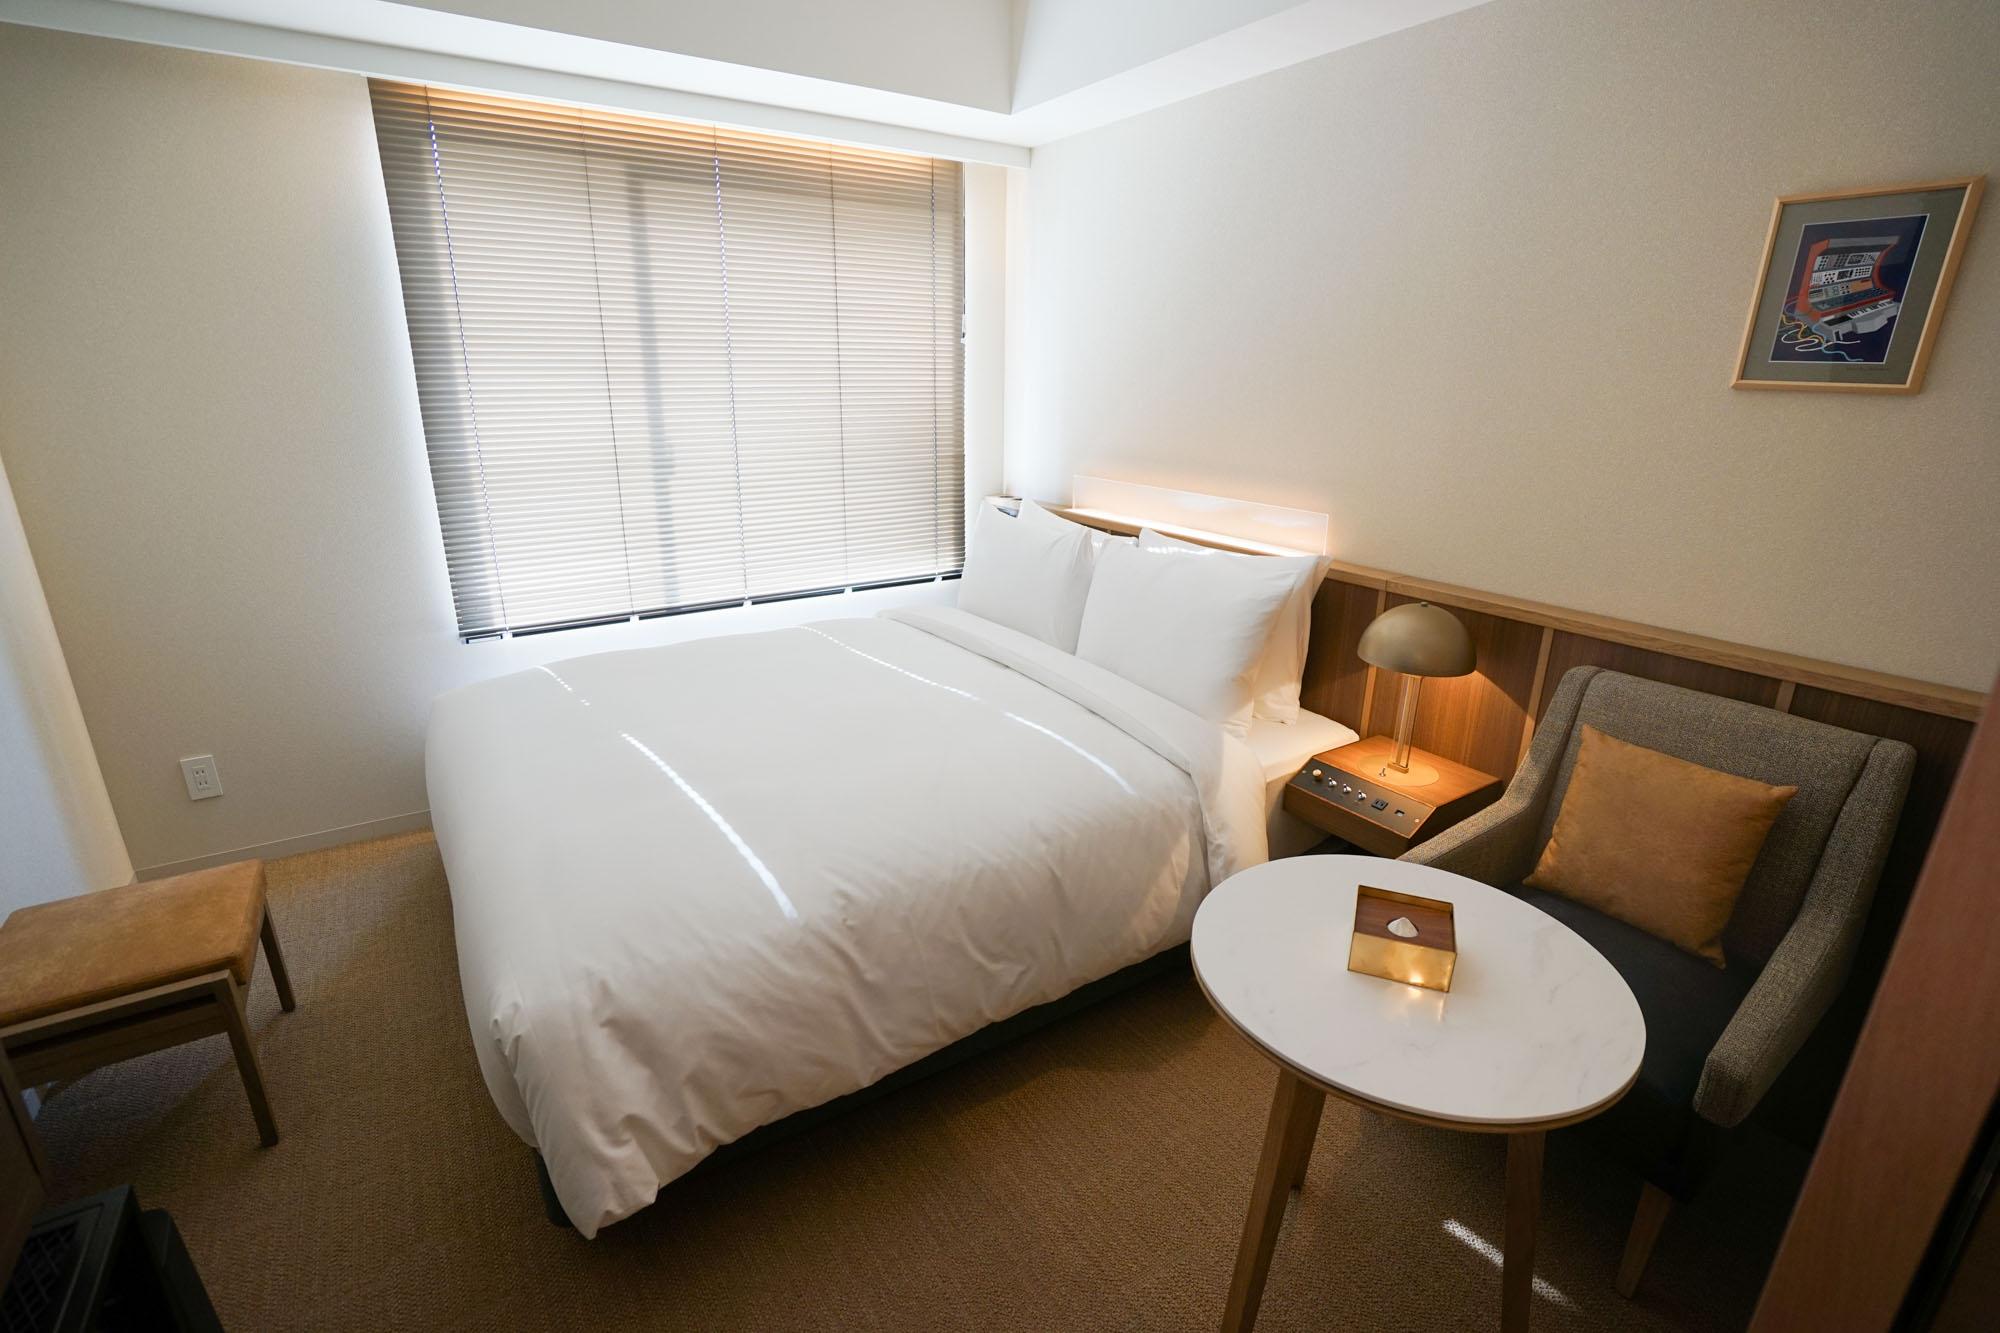 Go To トラベル 東京居住者&東京のホテルも対象に!goodroom ホテルステイ10/1より全施設35%OFFとなります